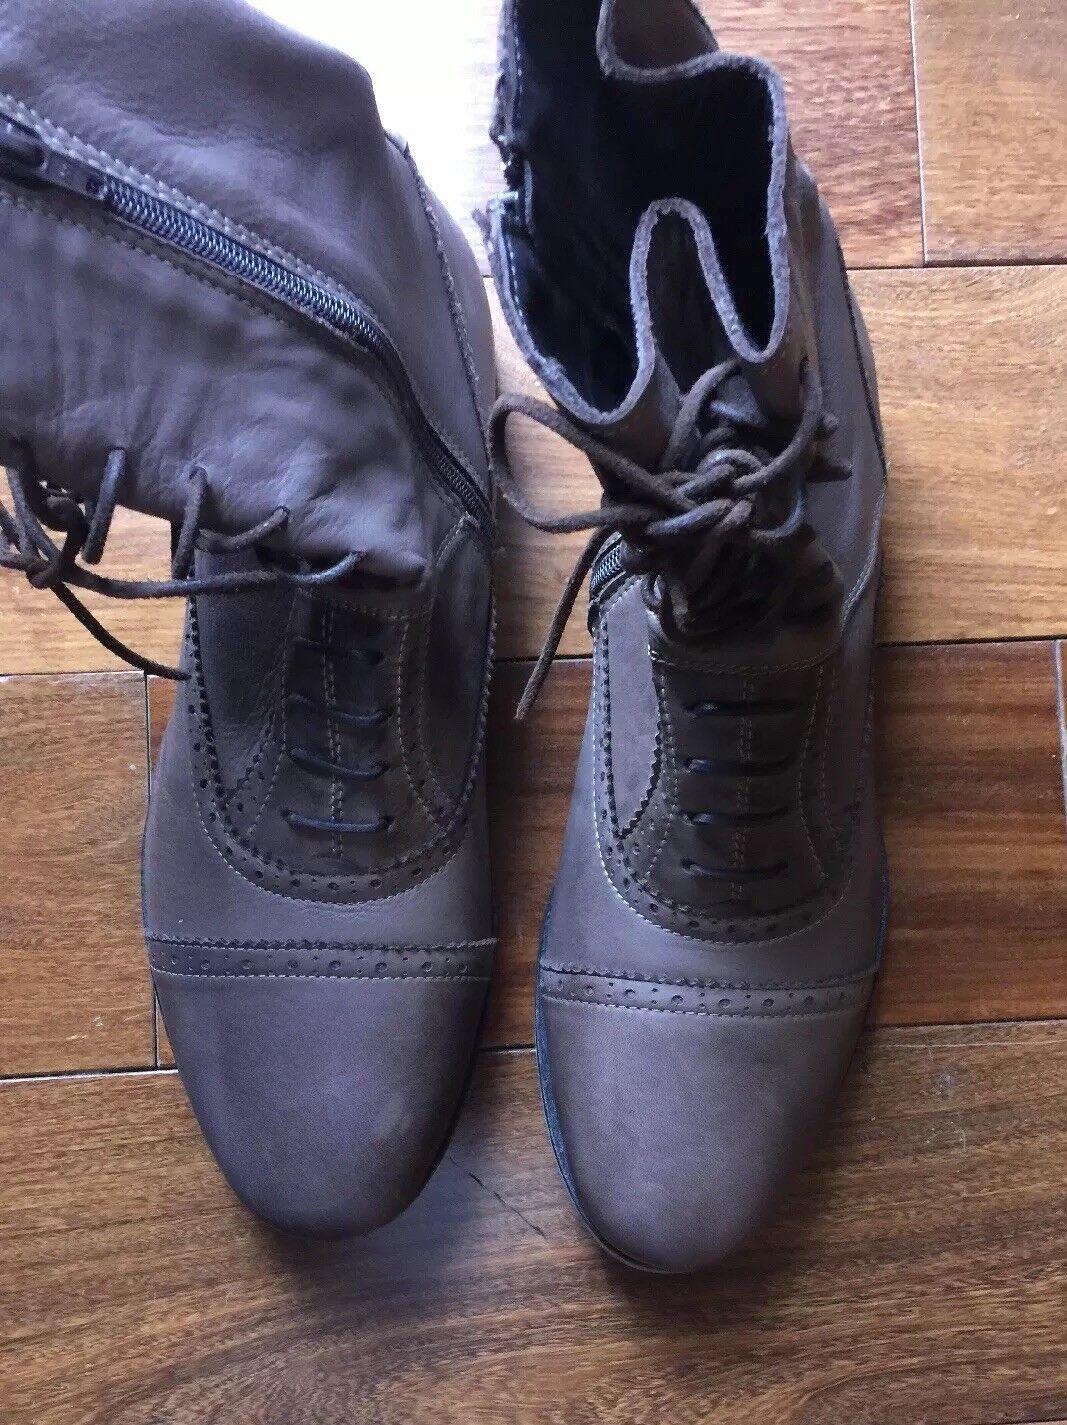 autorizzazione Zara Uomo Marrone Leather Zipper  stivali stivali stivali  negozio di sconto